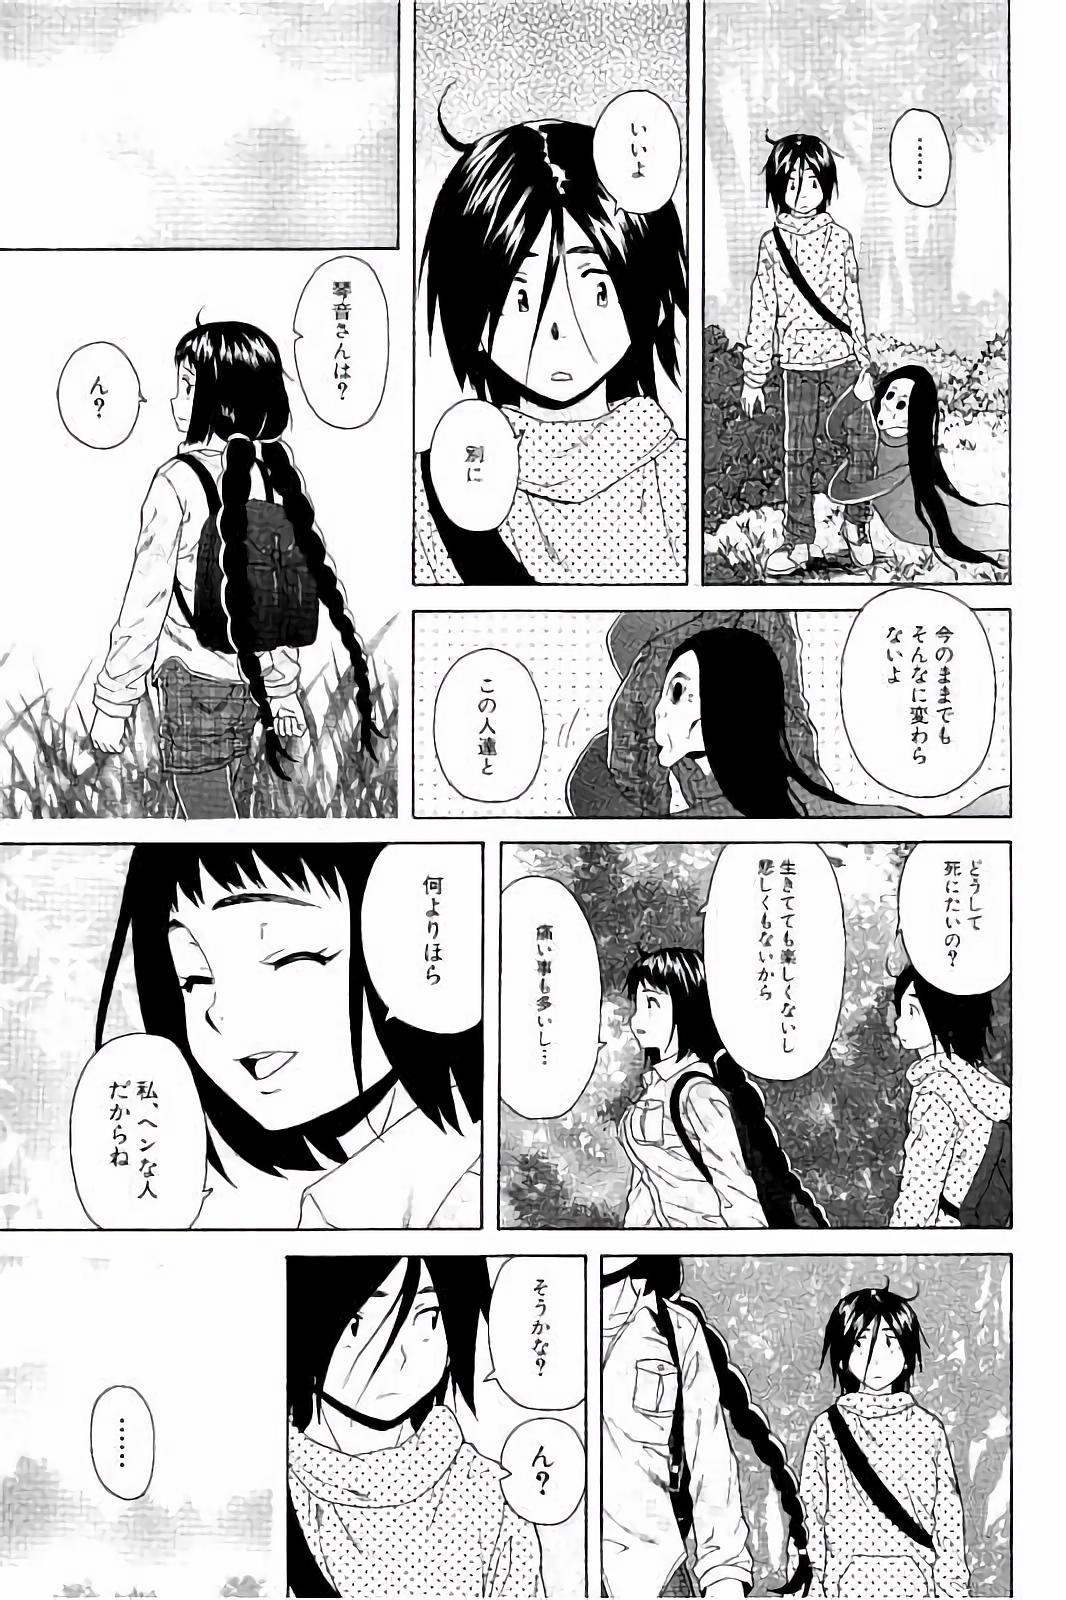 Ane no Himitsu To Boku no Jisatsu 94